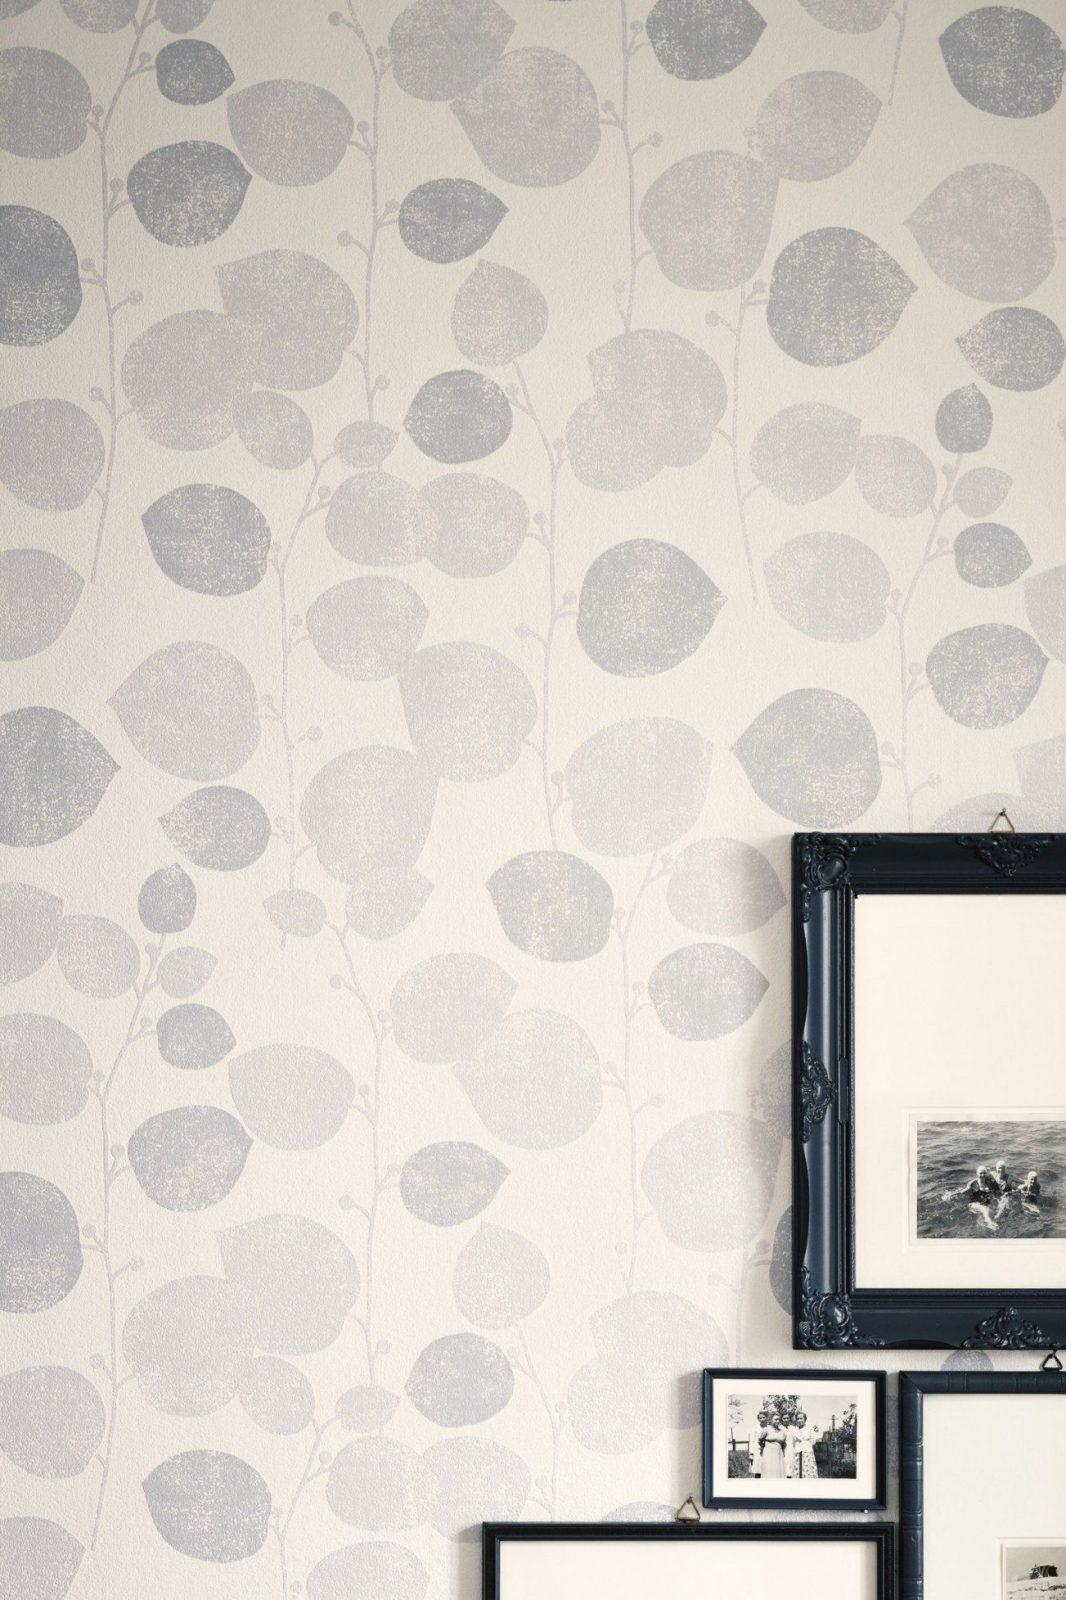 Schöner Wohnen Tapete Lovely Leaves Creme Grau Weiß Kollektion 7 Sch von Schöner Wohnen Tapeten Wohnzimmer Bild